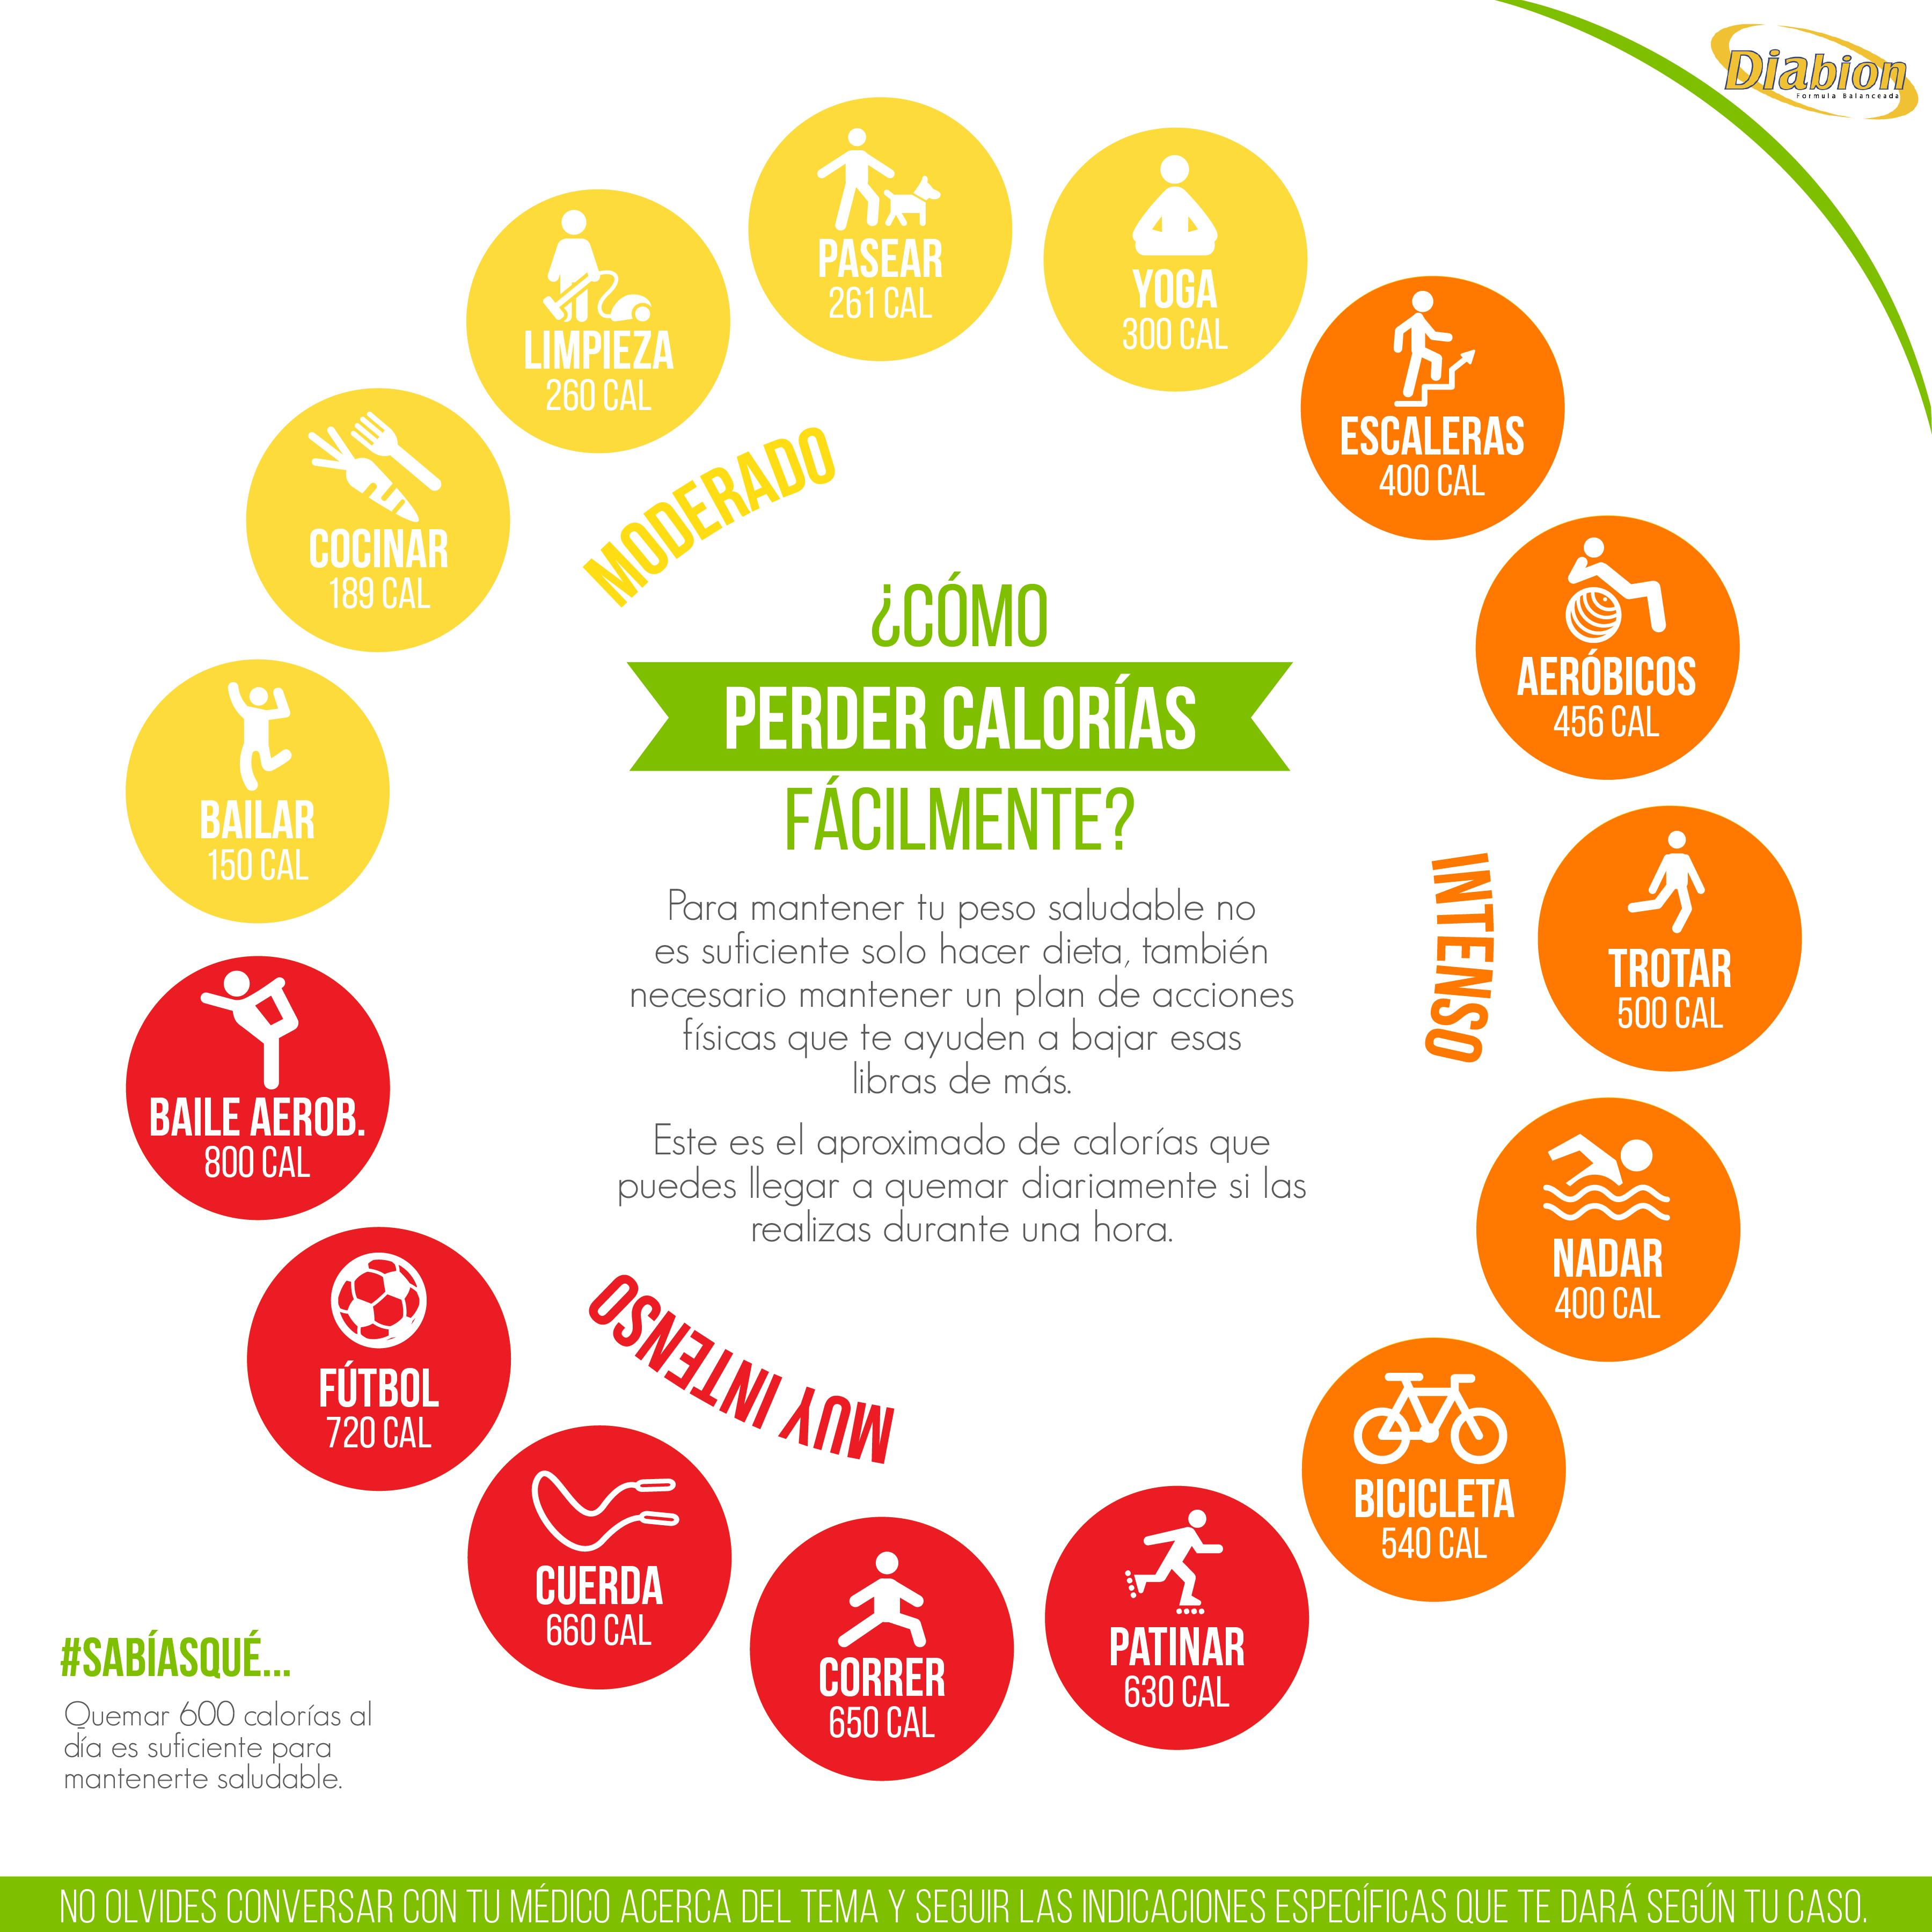 15 actividades para perder calorías fácilmente.